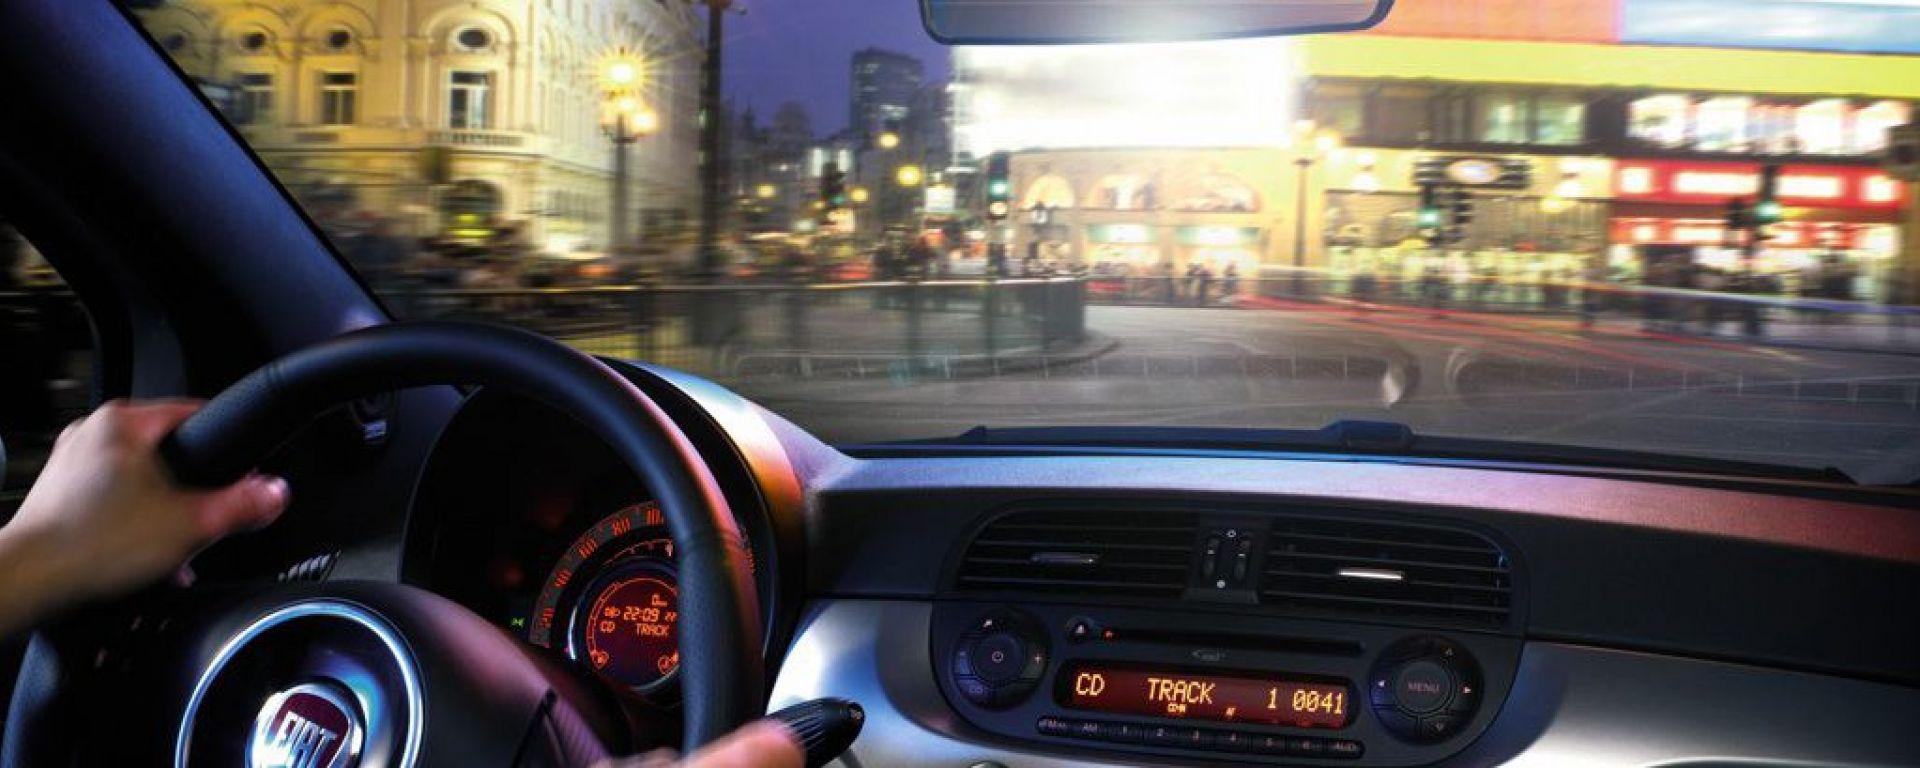 Le auto più affidabili secondo l'ADAC